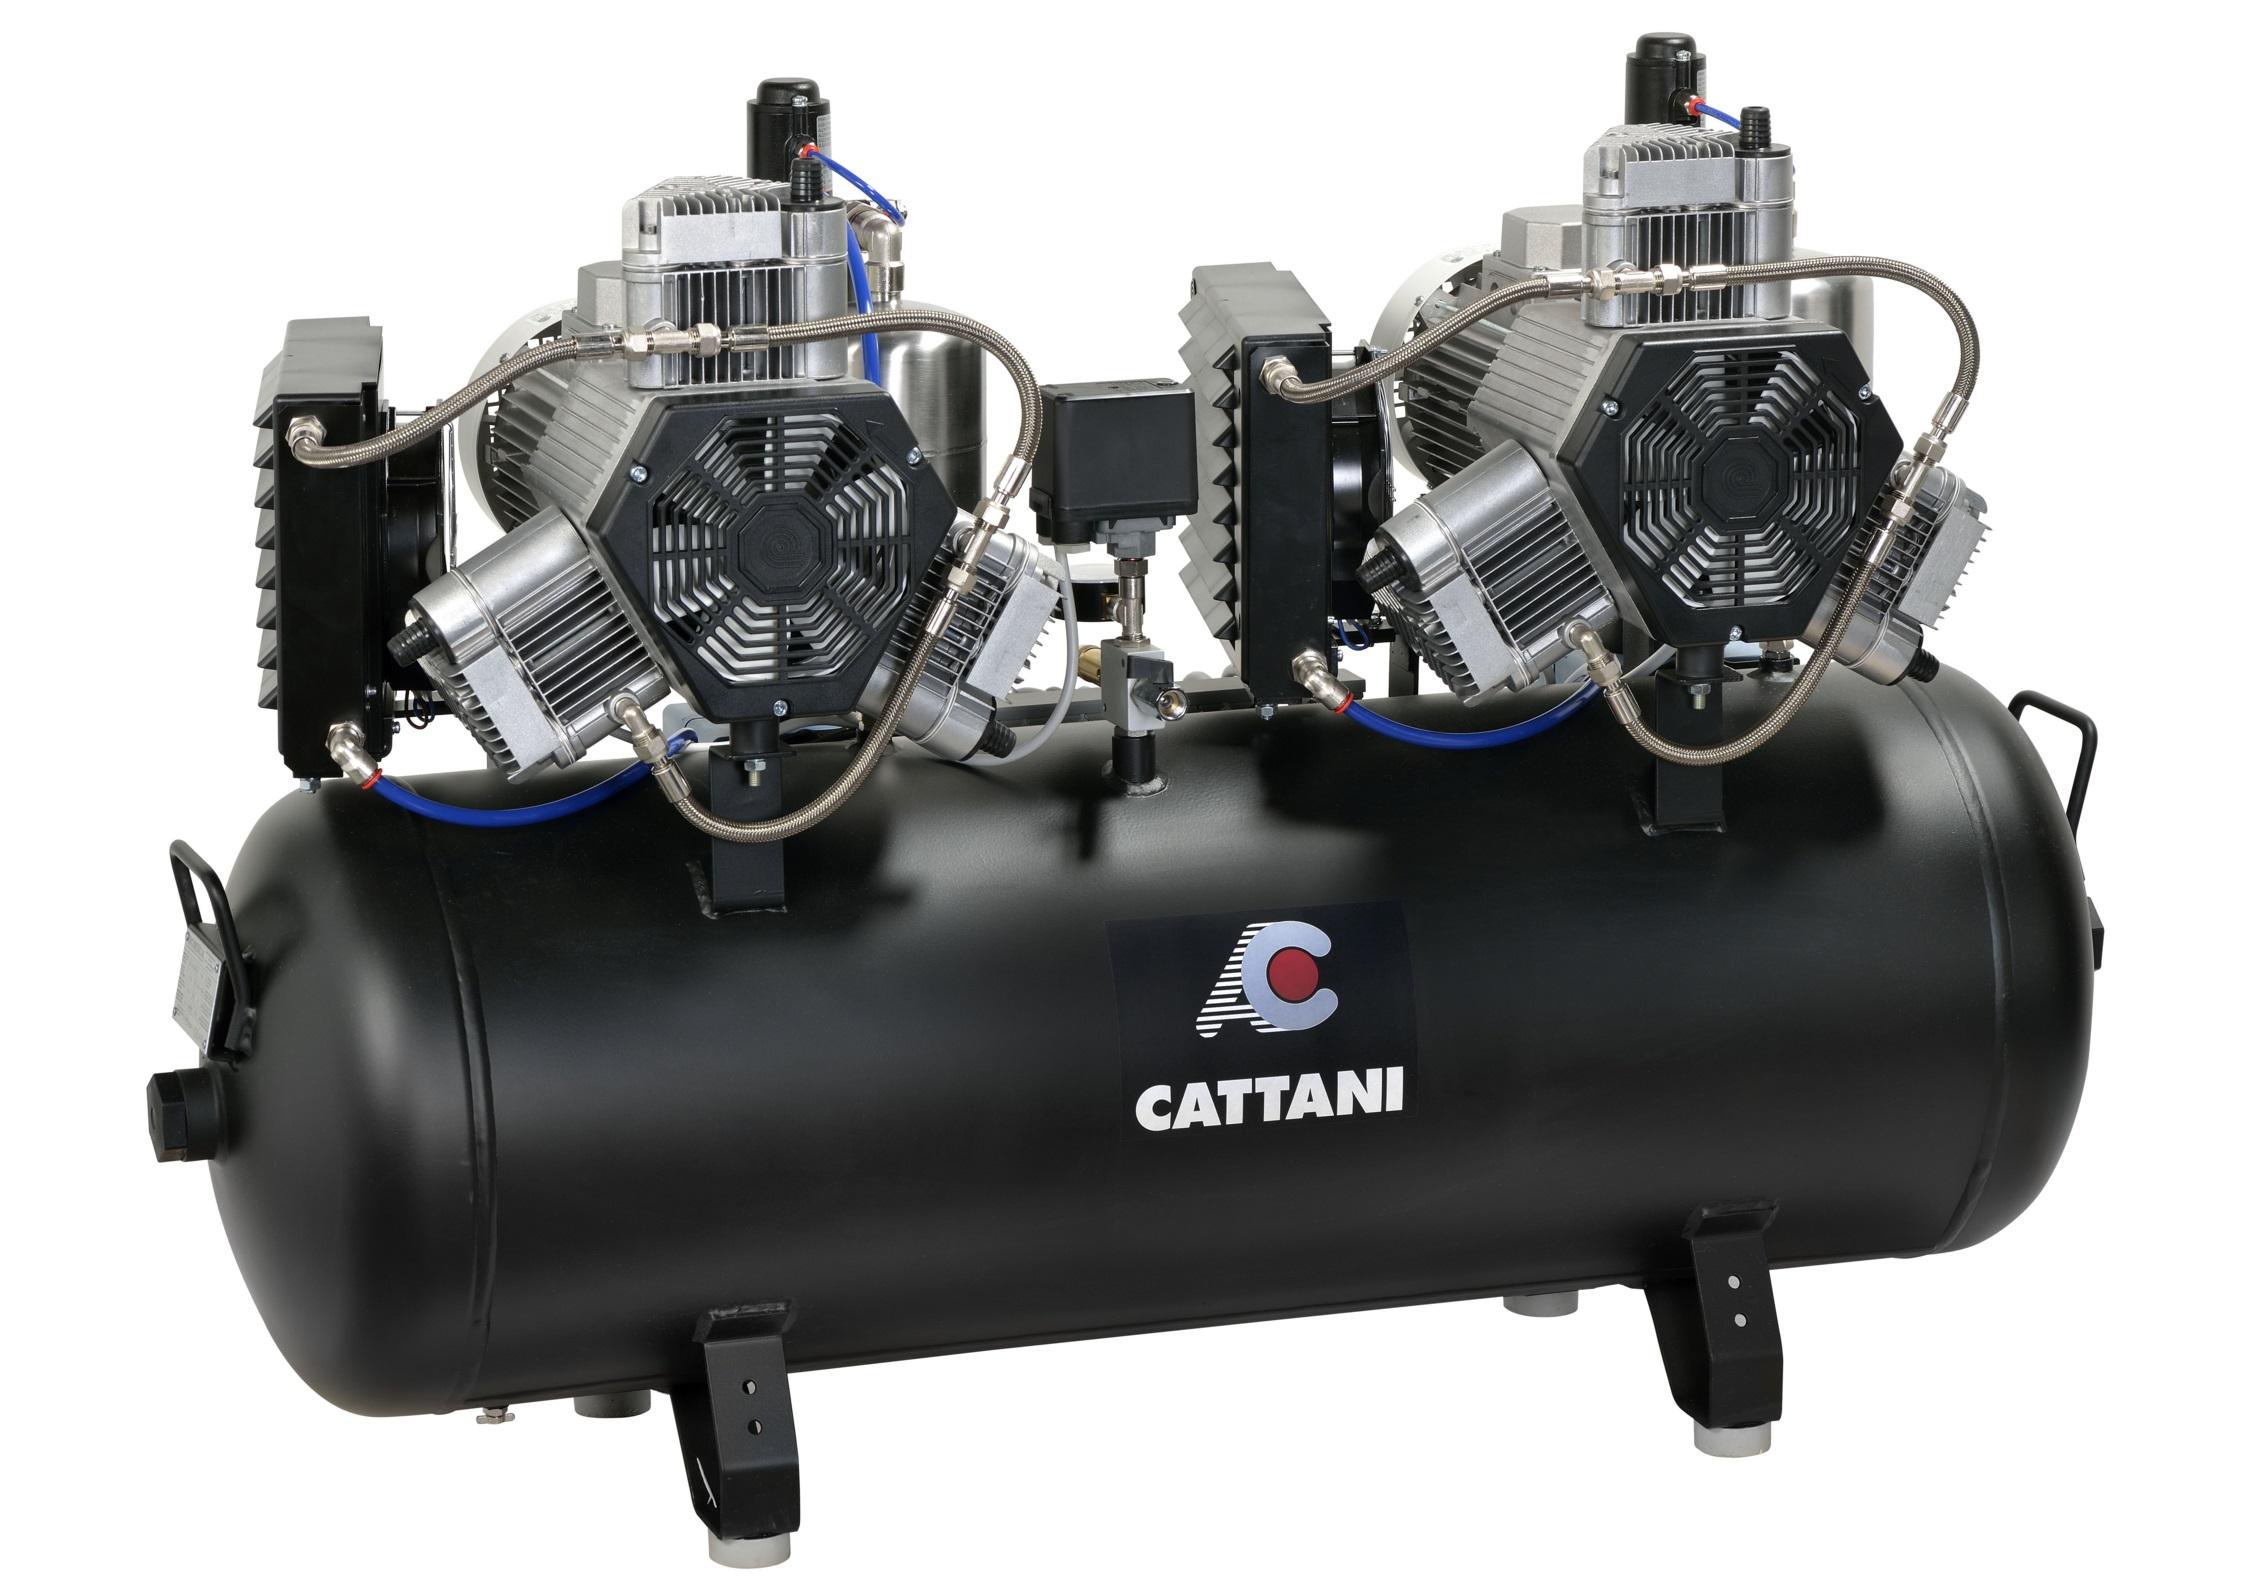 Cattani 150-476